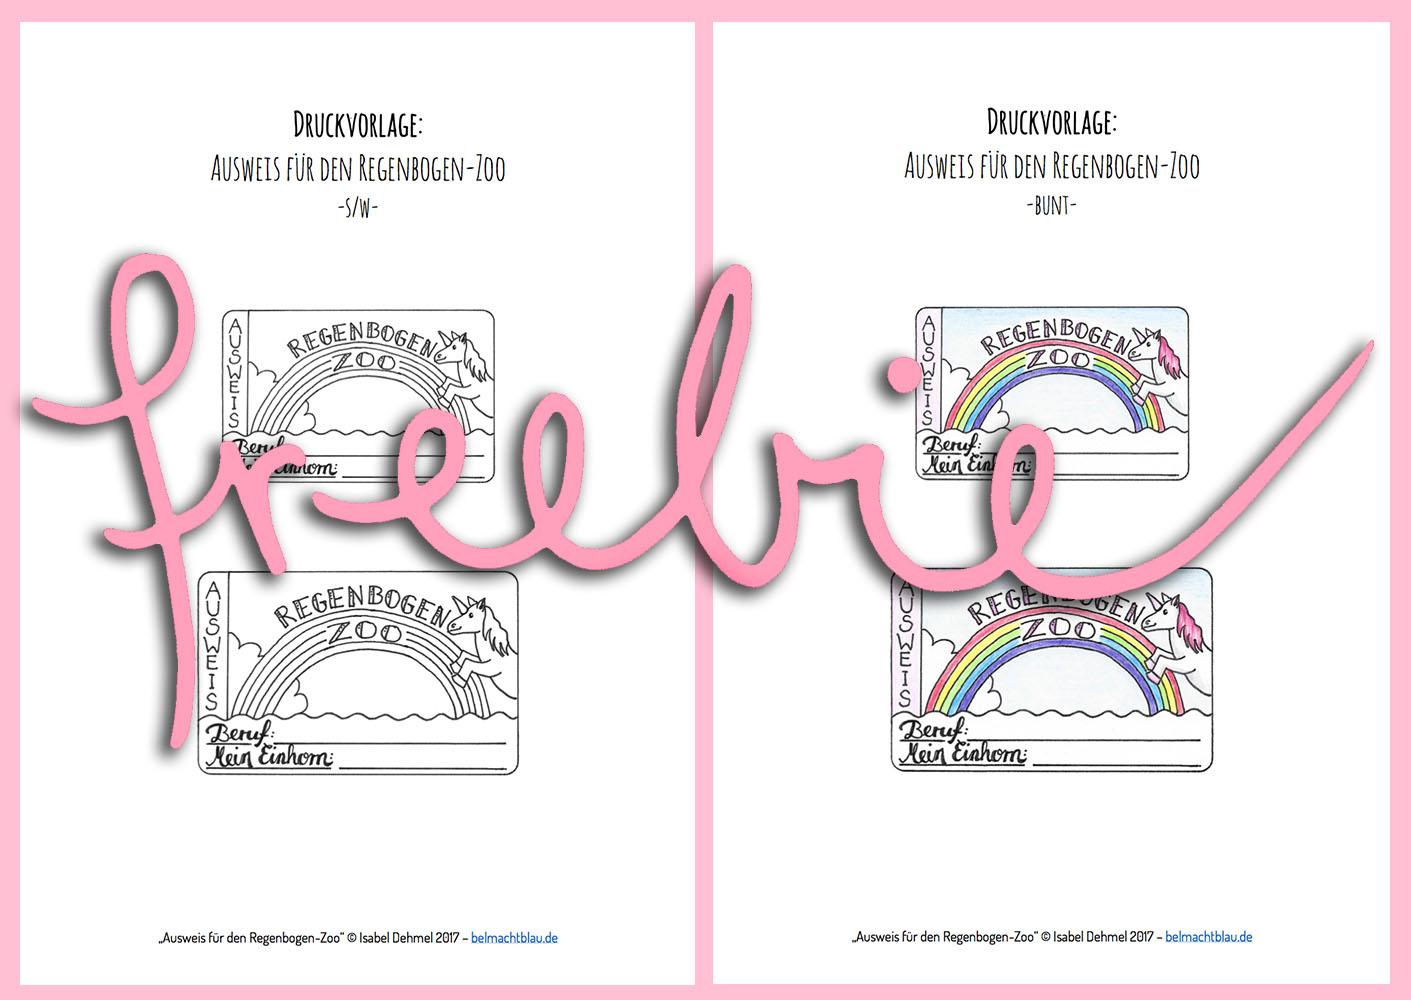 Kostenloses Freebie für Einhorn-Fans: Kinderausweis für den Regenbogen-Zoo // gleich ausdrucken und anmalen